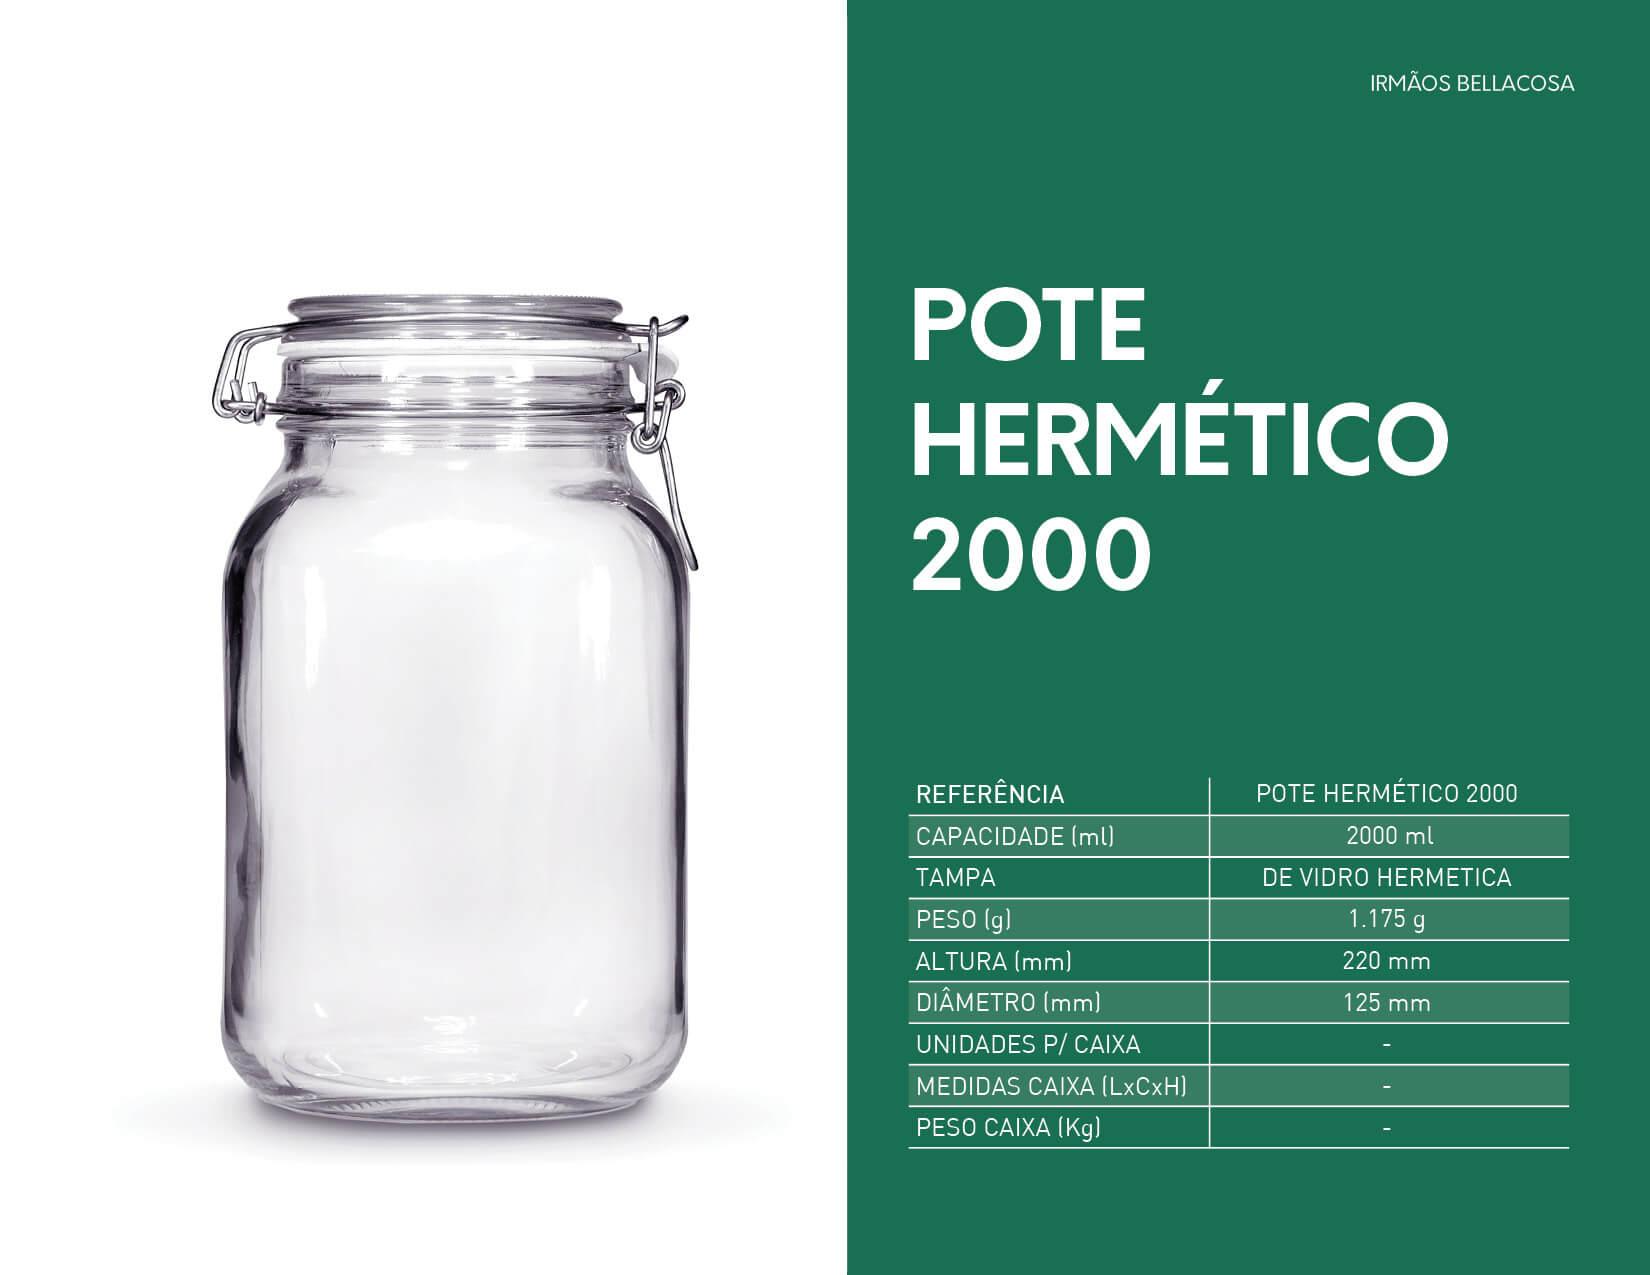 017-Pote-Hermetico-2000-irmaos-bellacosa-embalagens-de-vidro